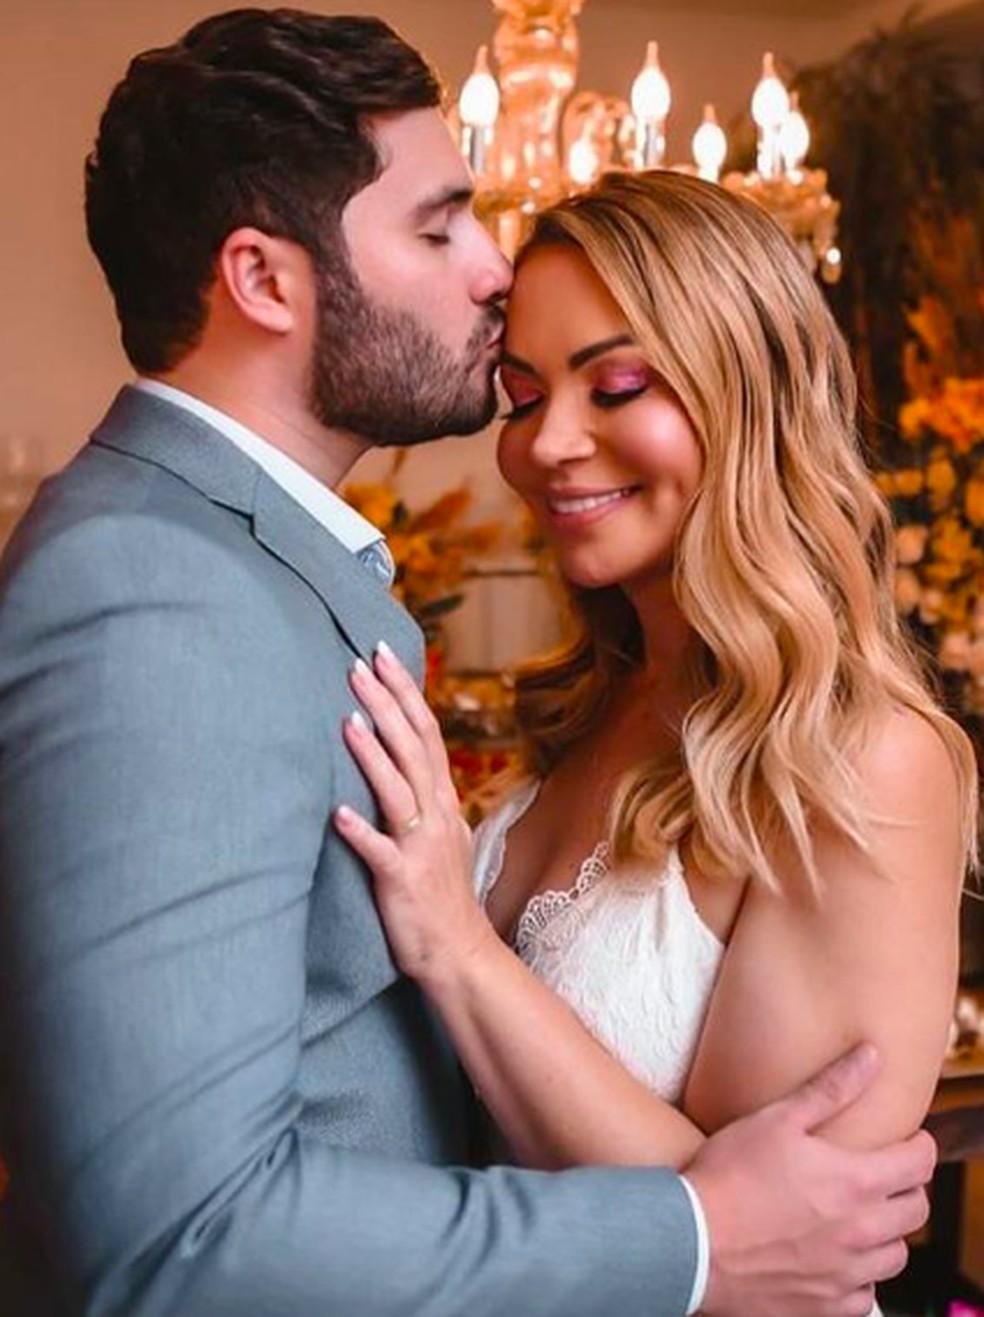 Sol e Monilton se casaram em segredo  — Foto: Reprodução/Instagram